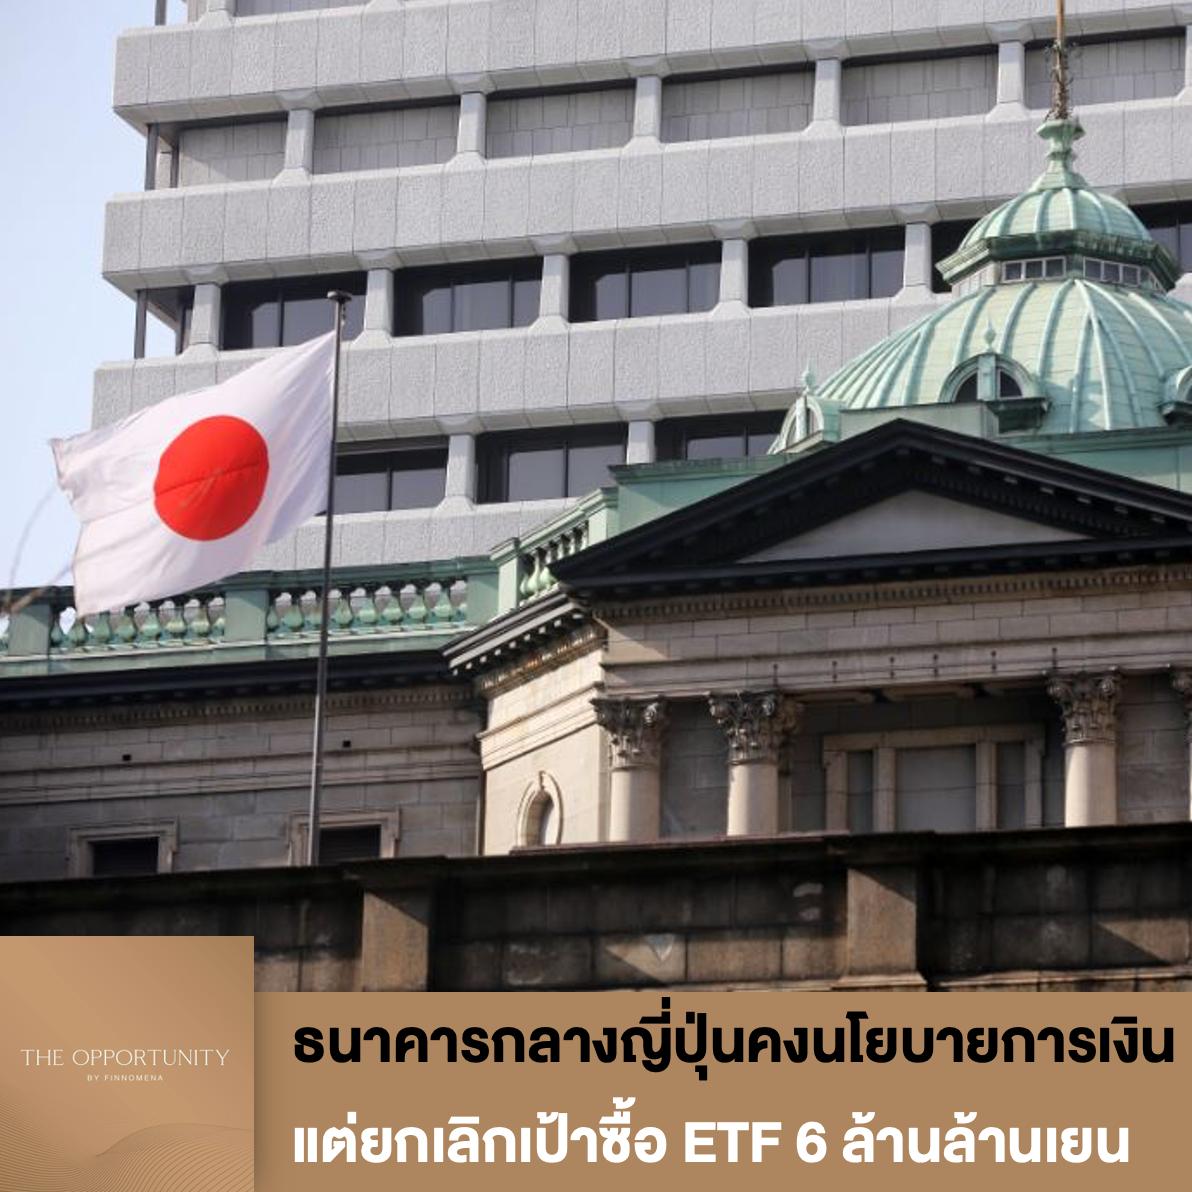 ธนาคารกลางญี่ปุ่นคงนโยบายการเงิน แต่ยกเลิกเป้าซื้อ ETF 6 ล้านล้านเยน